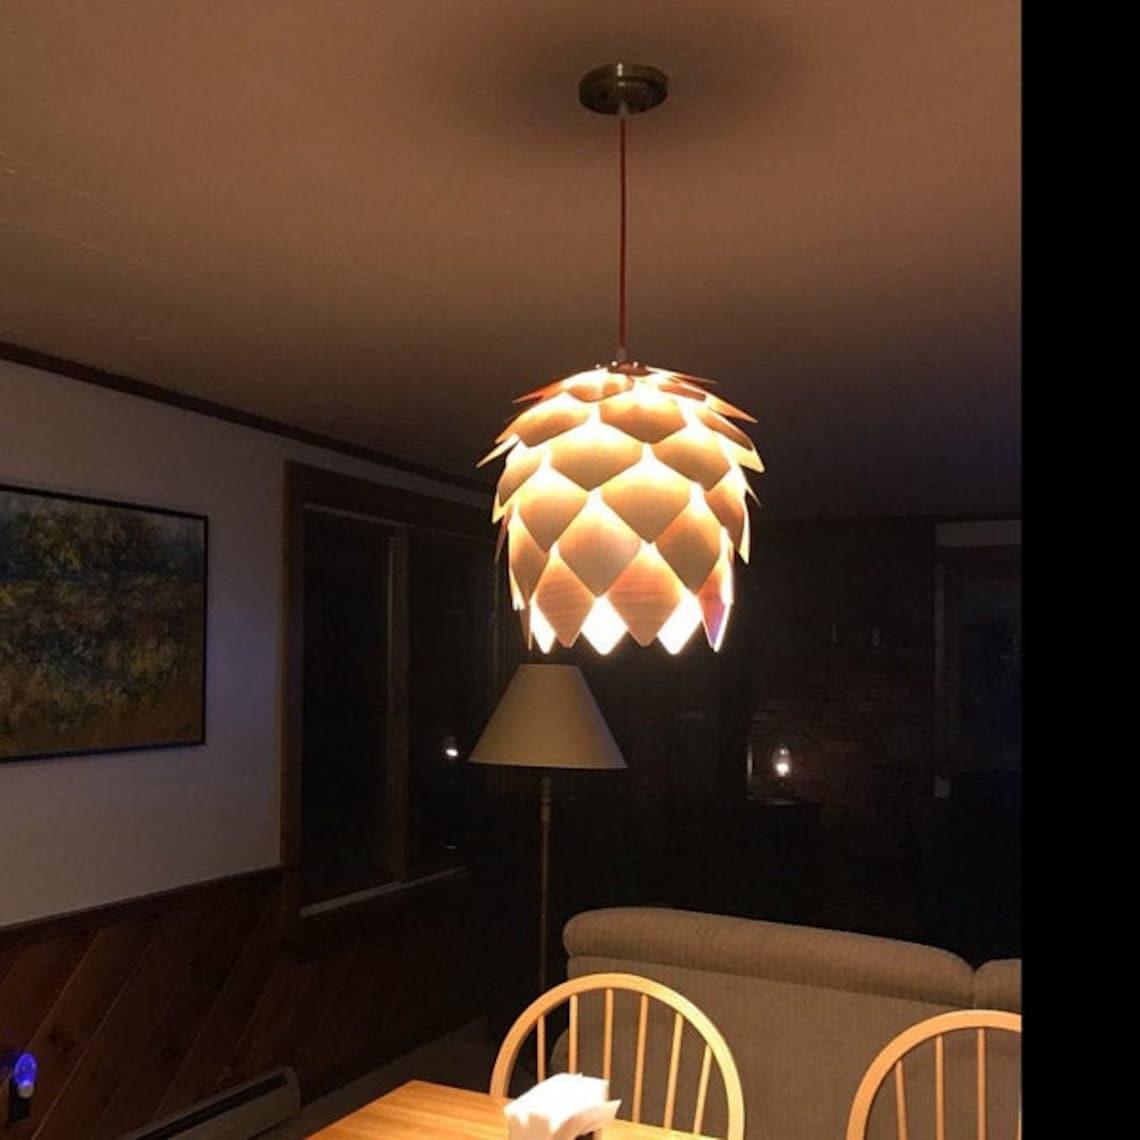 Arturest Wood Chandelier Nordic Wooden Pendant Light Handcraft Light Fixture Art Decorative Lighting Fixtures Warm Home